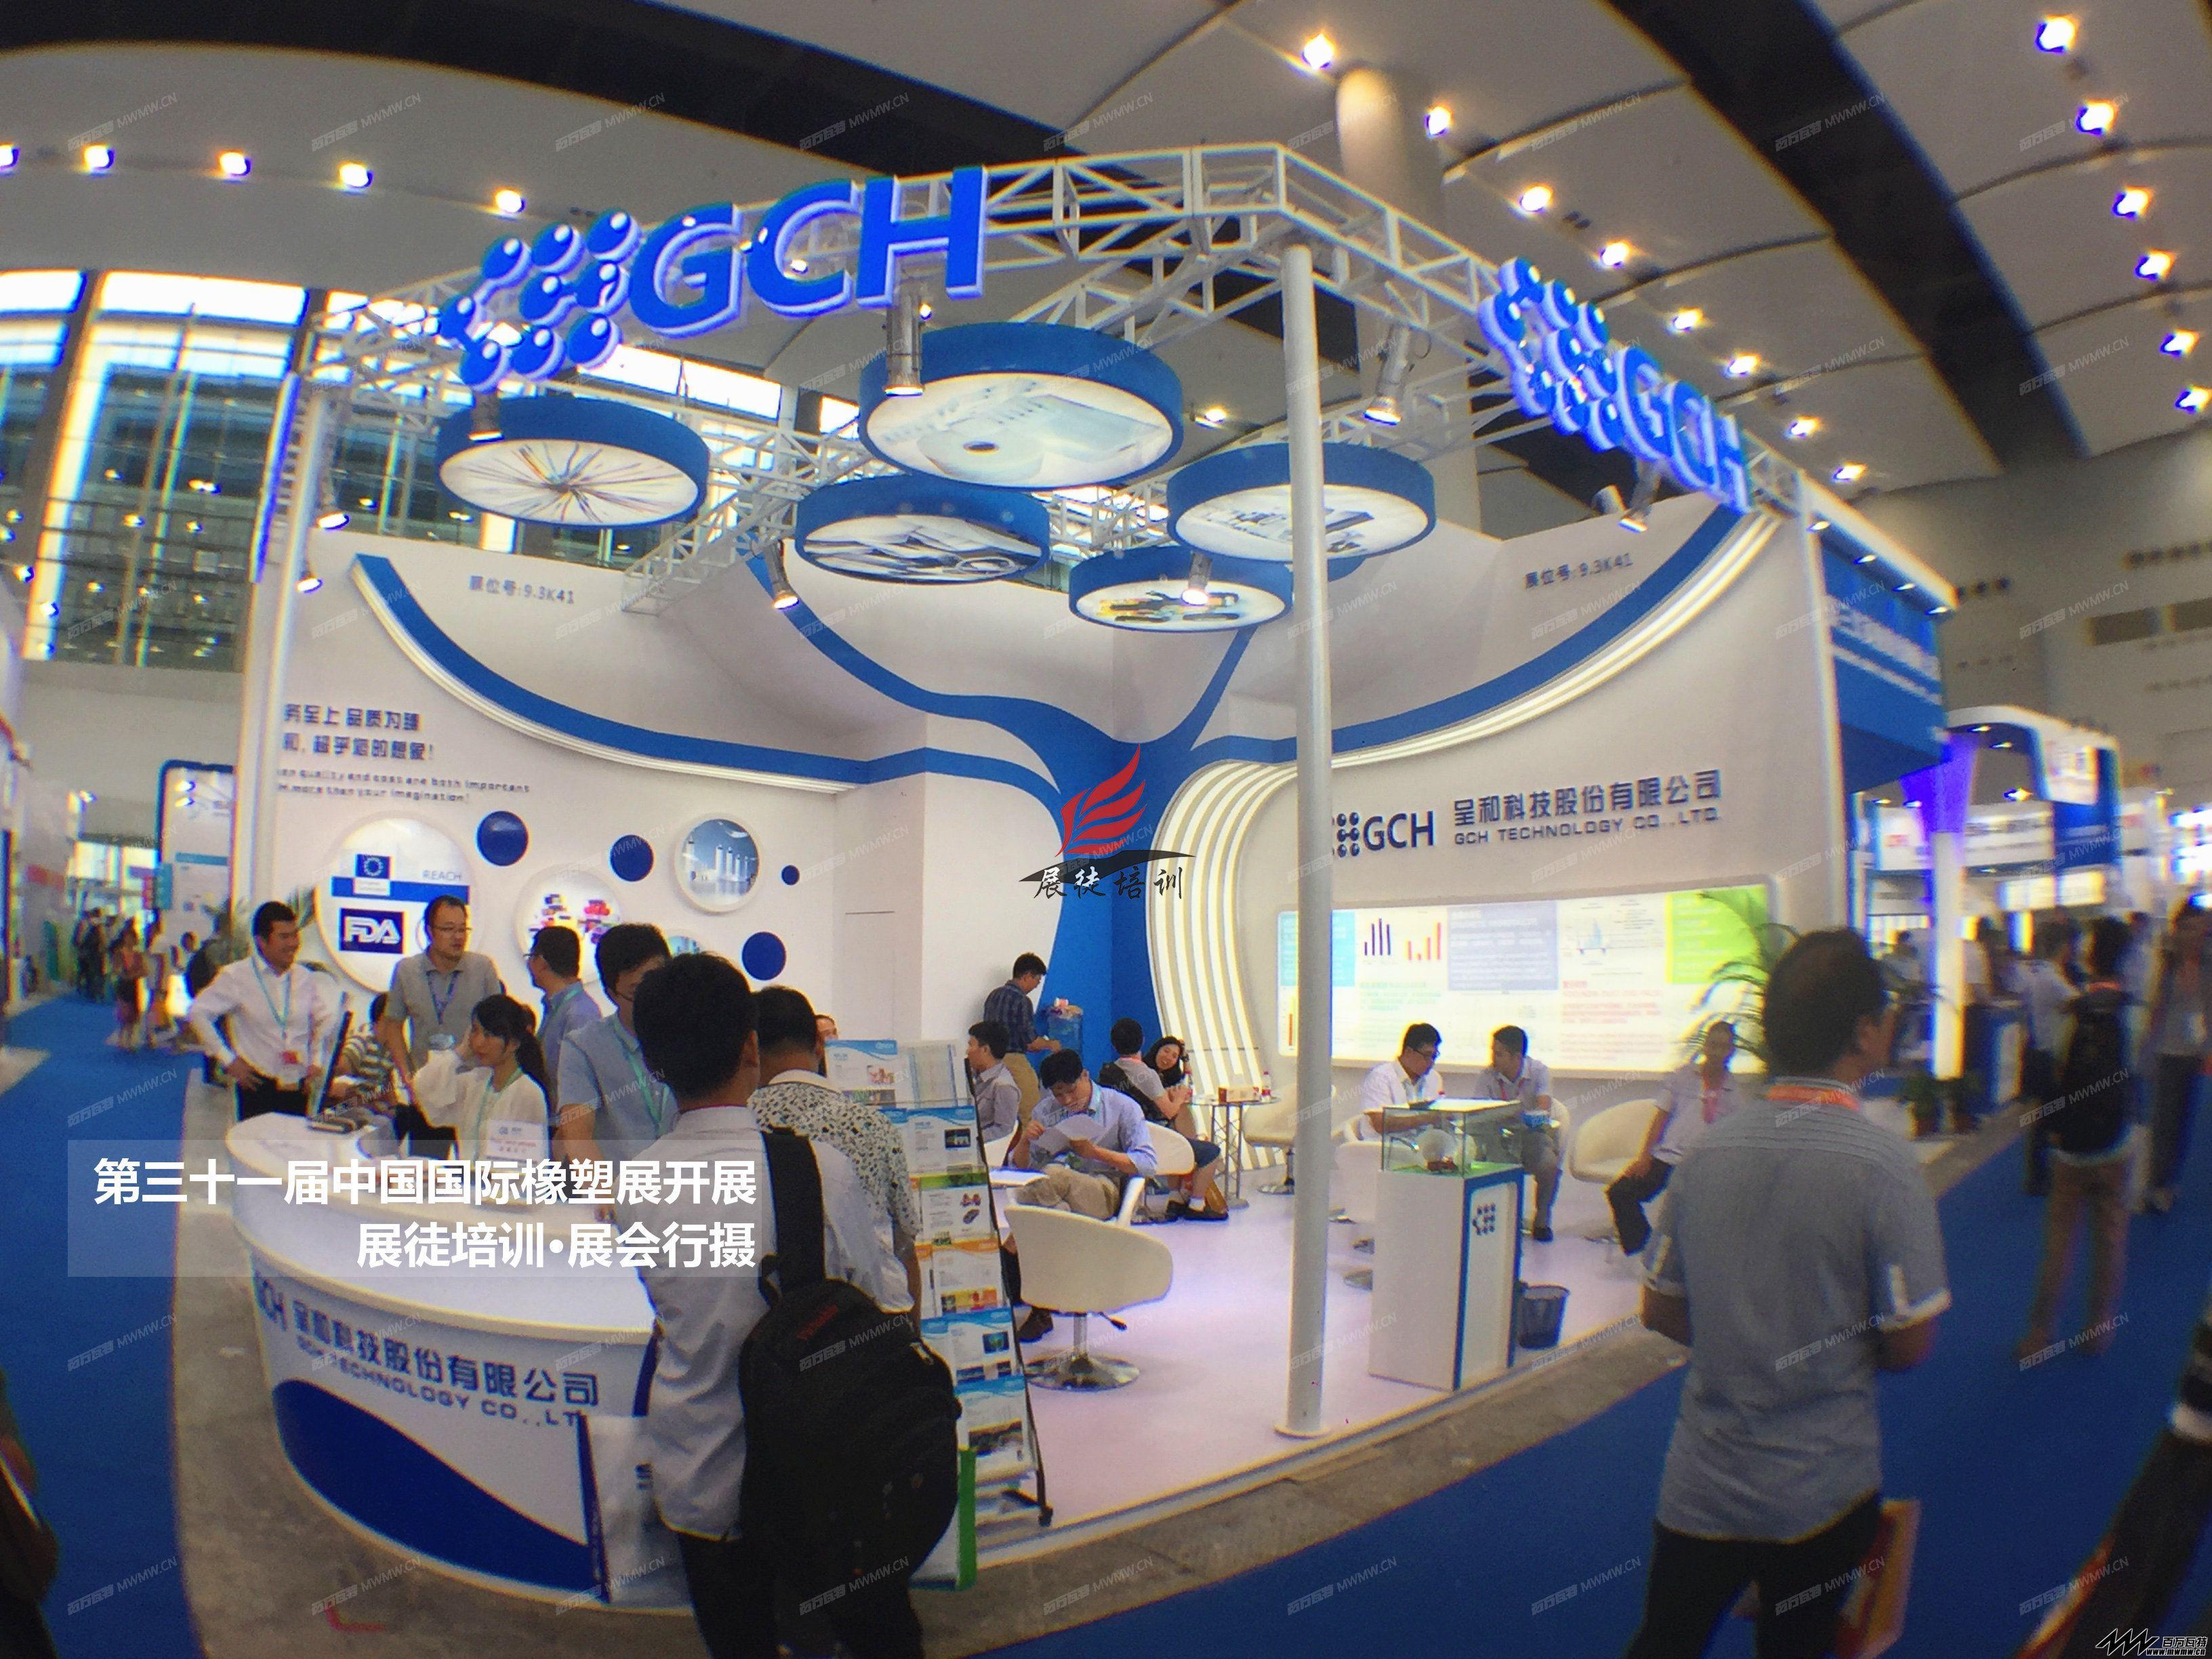 2017第三十一届中国国际橡塑展·展徒培训·展会行摄 (114).JPG